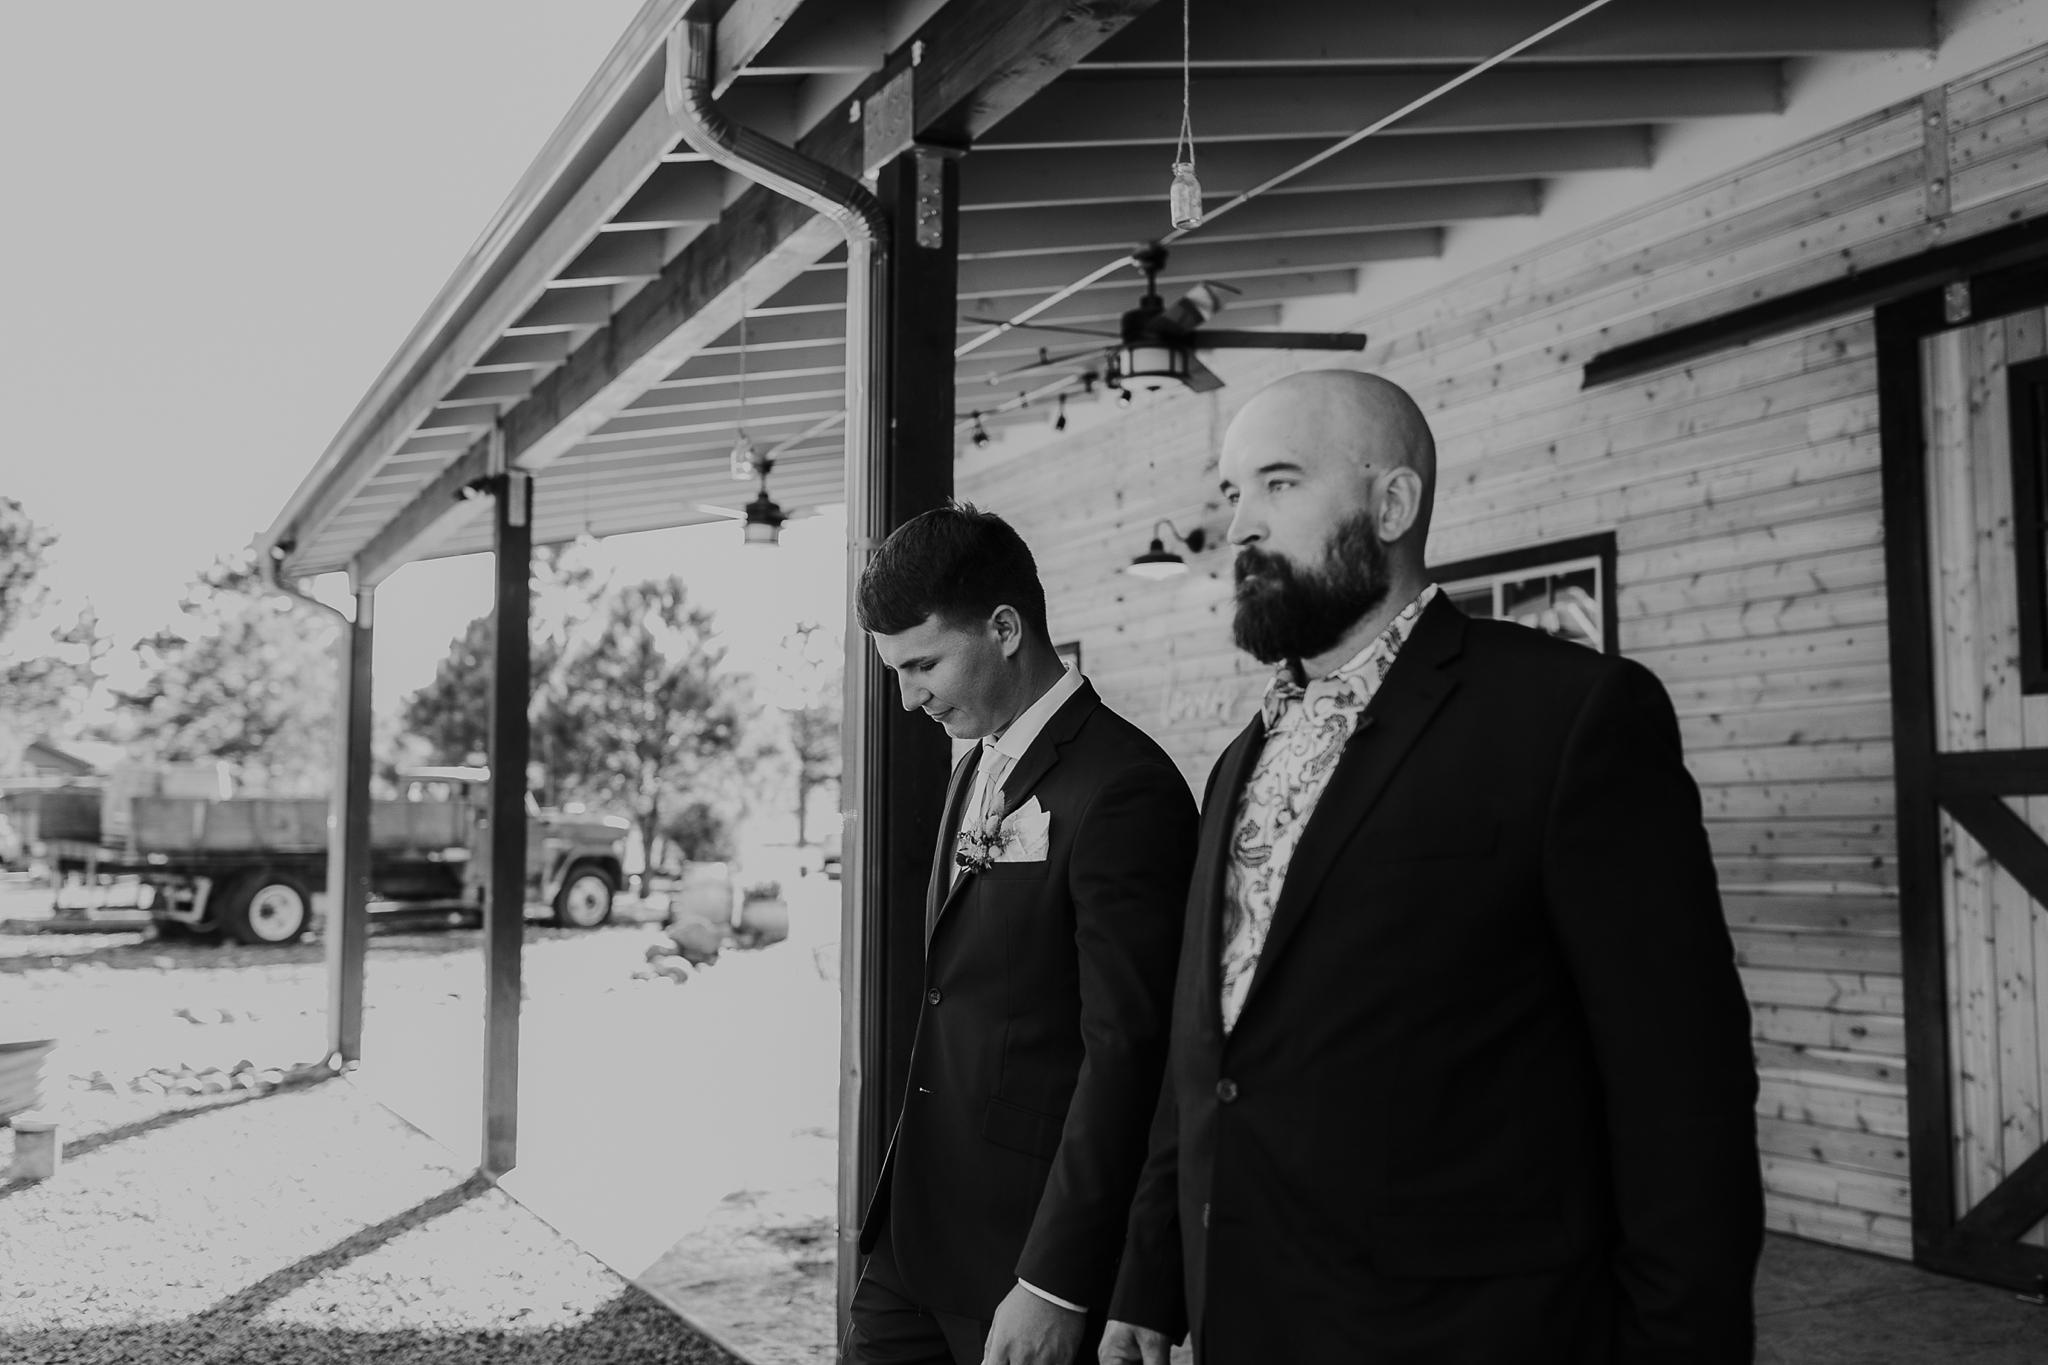 Alicia+lucia+photography+-+albuquerque+wedding+photographer+-+santa+fe+wedding+photography+-+new+mexico+wedding+photographer+-+new+mexico+wedding+-+new+mexico+wedding+-+barn+wedding+-+enchanted+vine+barn+wedding+-+ruidoso+wedding_0087.jpg